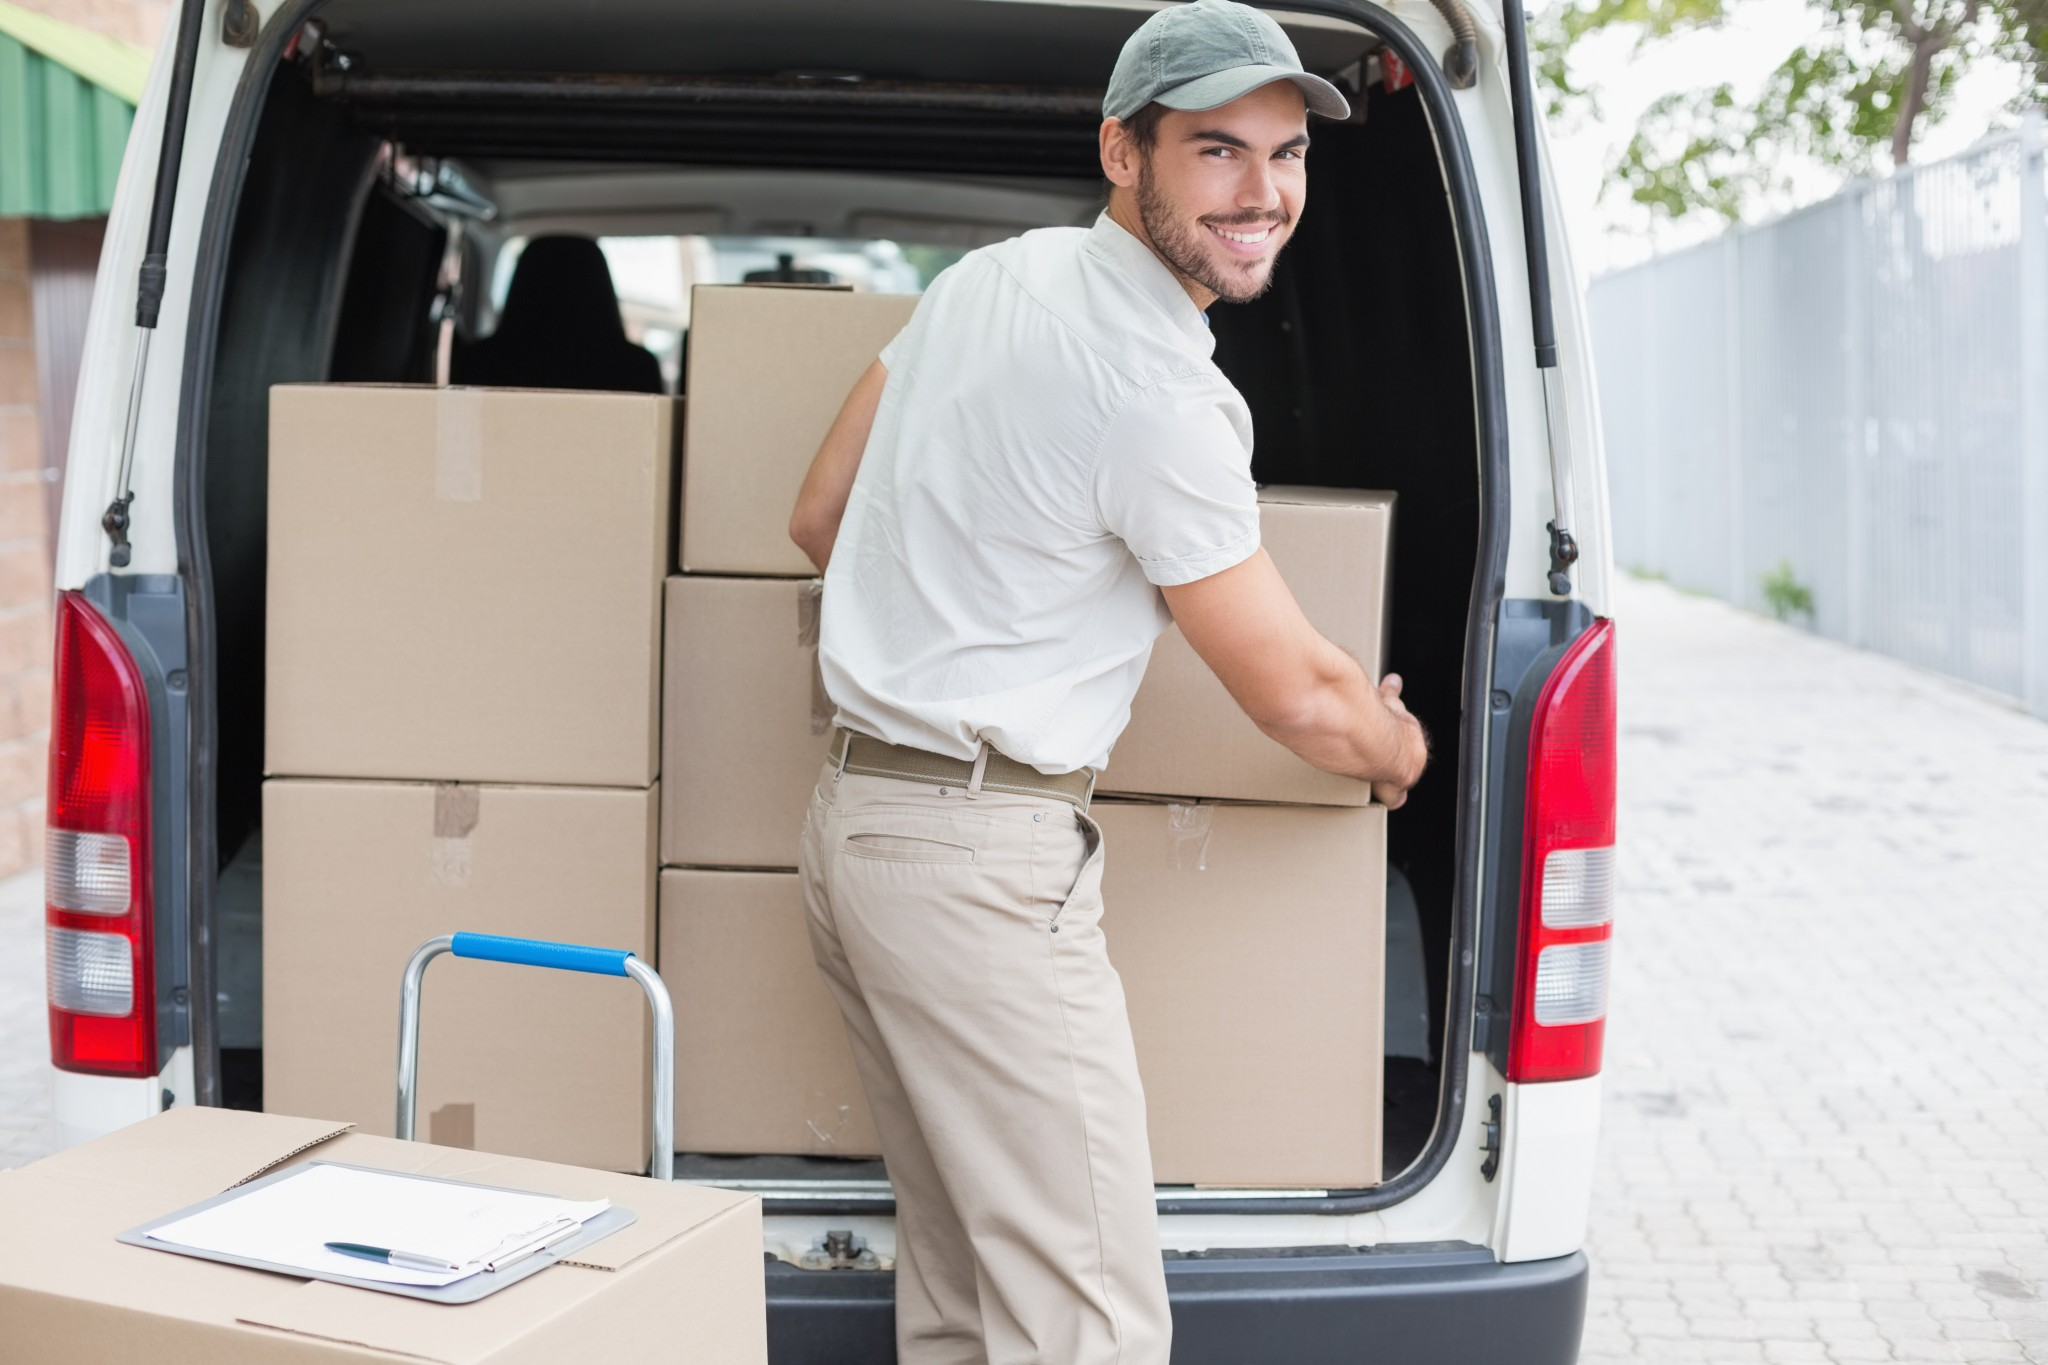 bigstock-Delivery-driver-loading-his-va-71725960